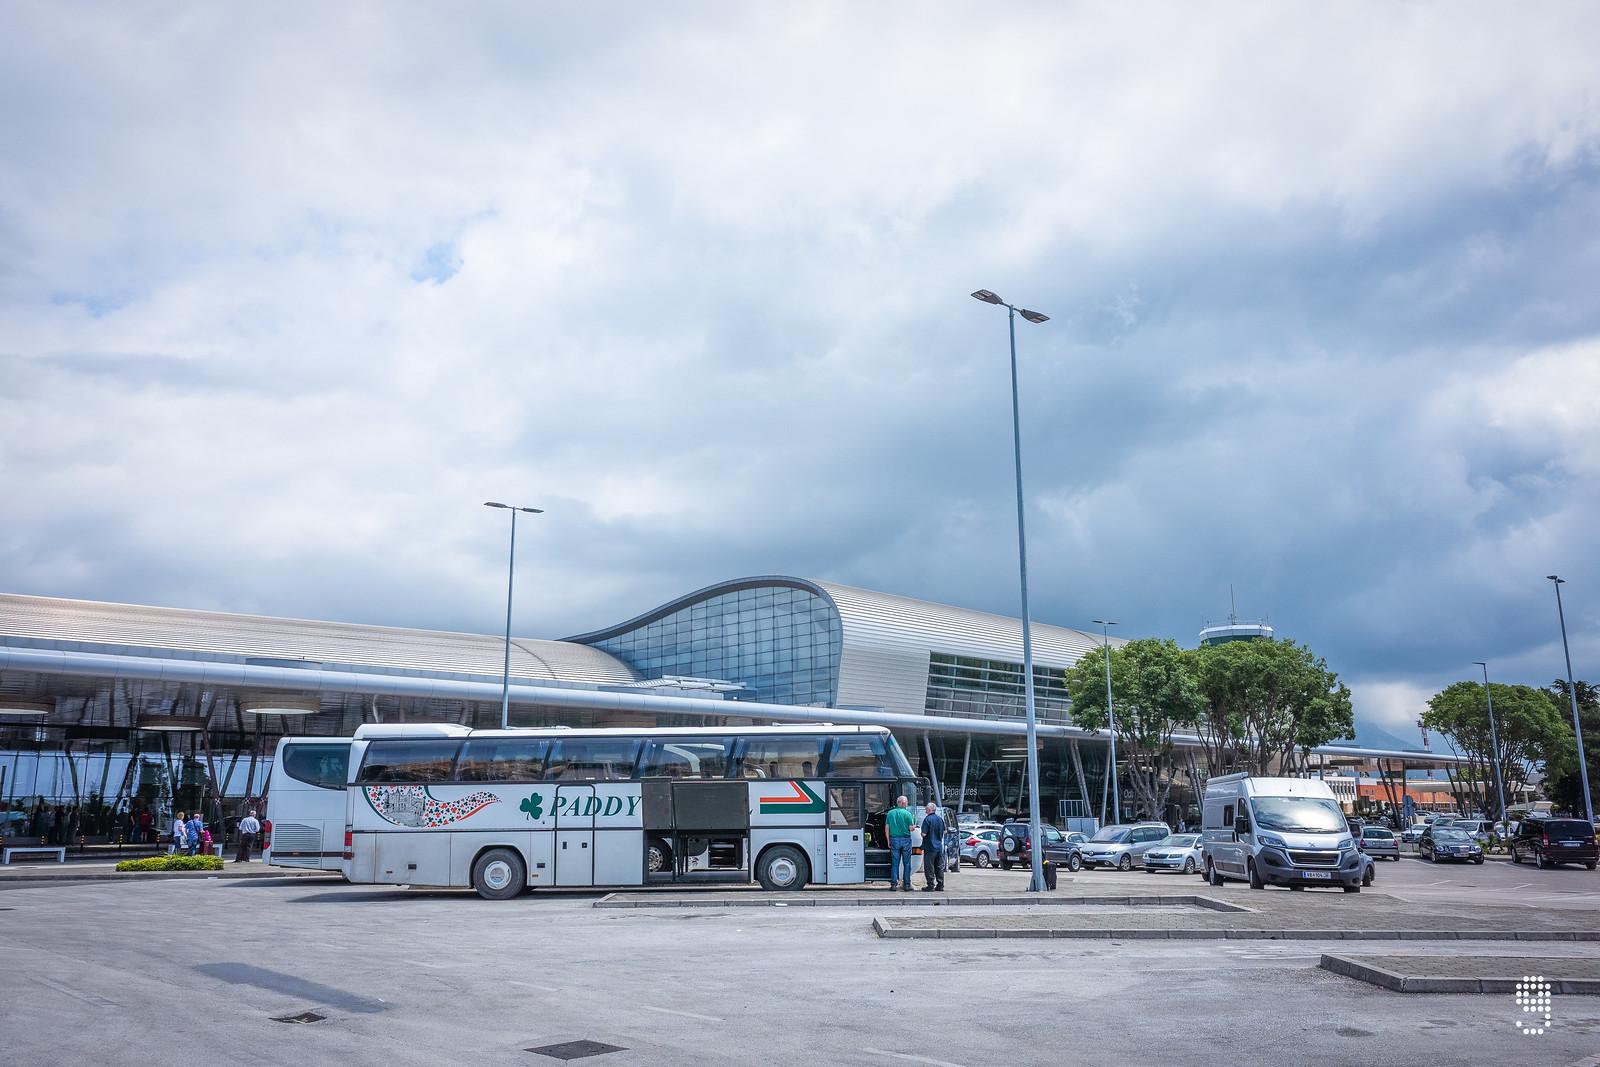 杜布羅夫尼克機場的外貌,距離市中心15.5公里